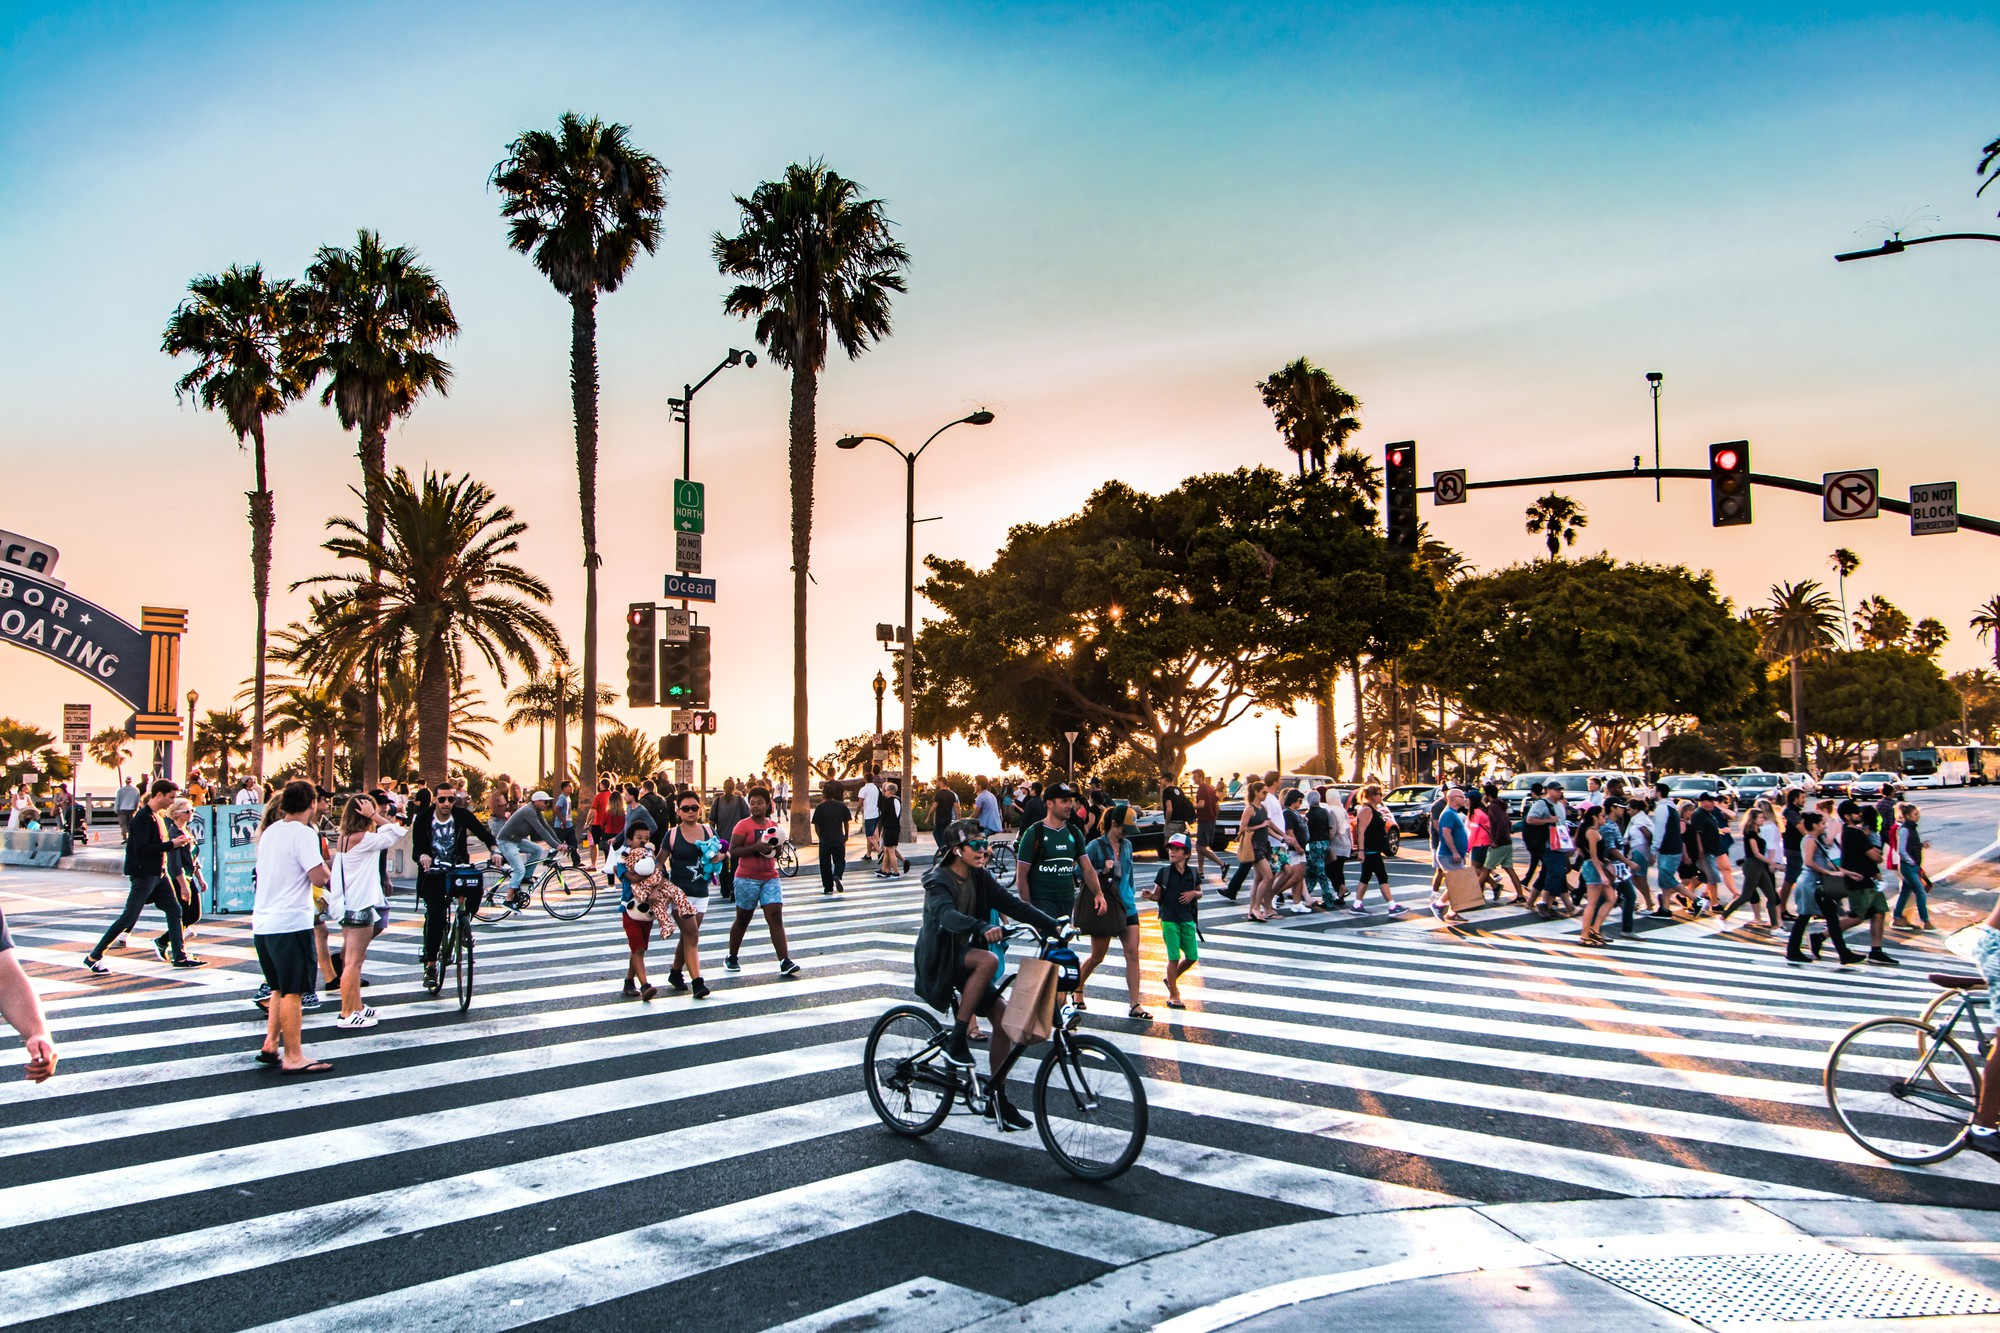 Lộ diện top những thành phố tốt nhất thế giới năm 2019: Mỹ dẫn đầu khi có tới 3 cái tên trong Top 10! - Ảnh 10.